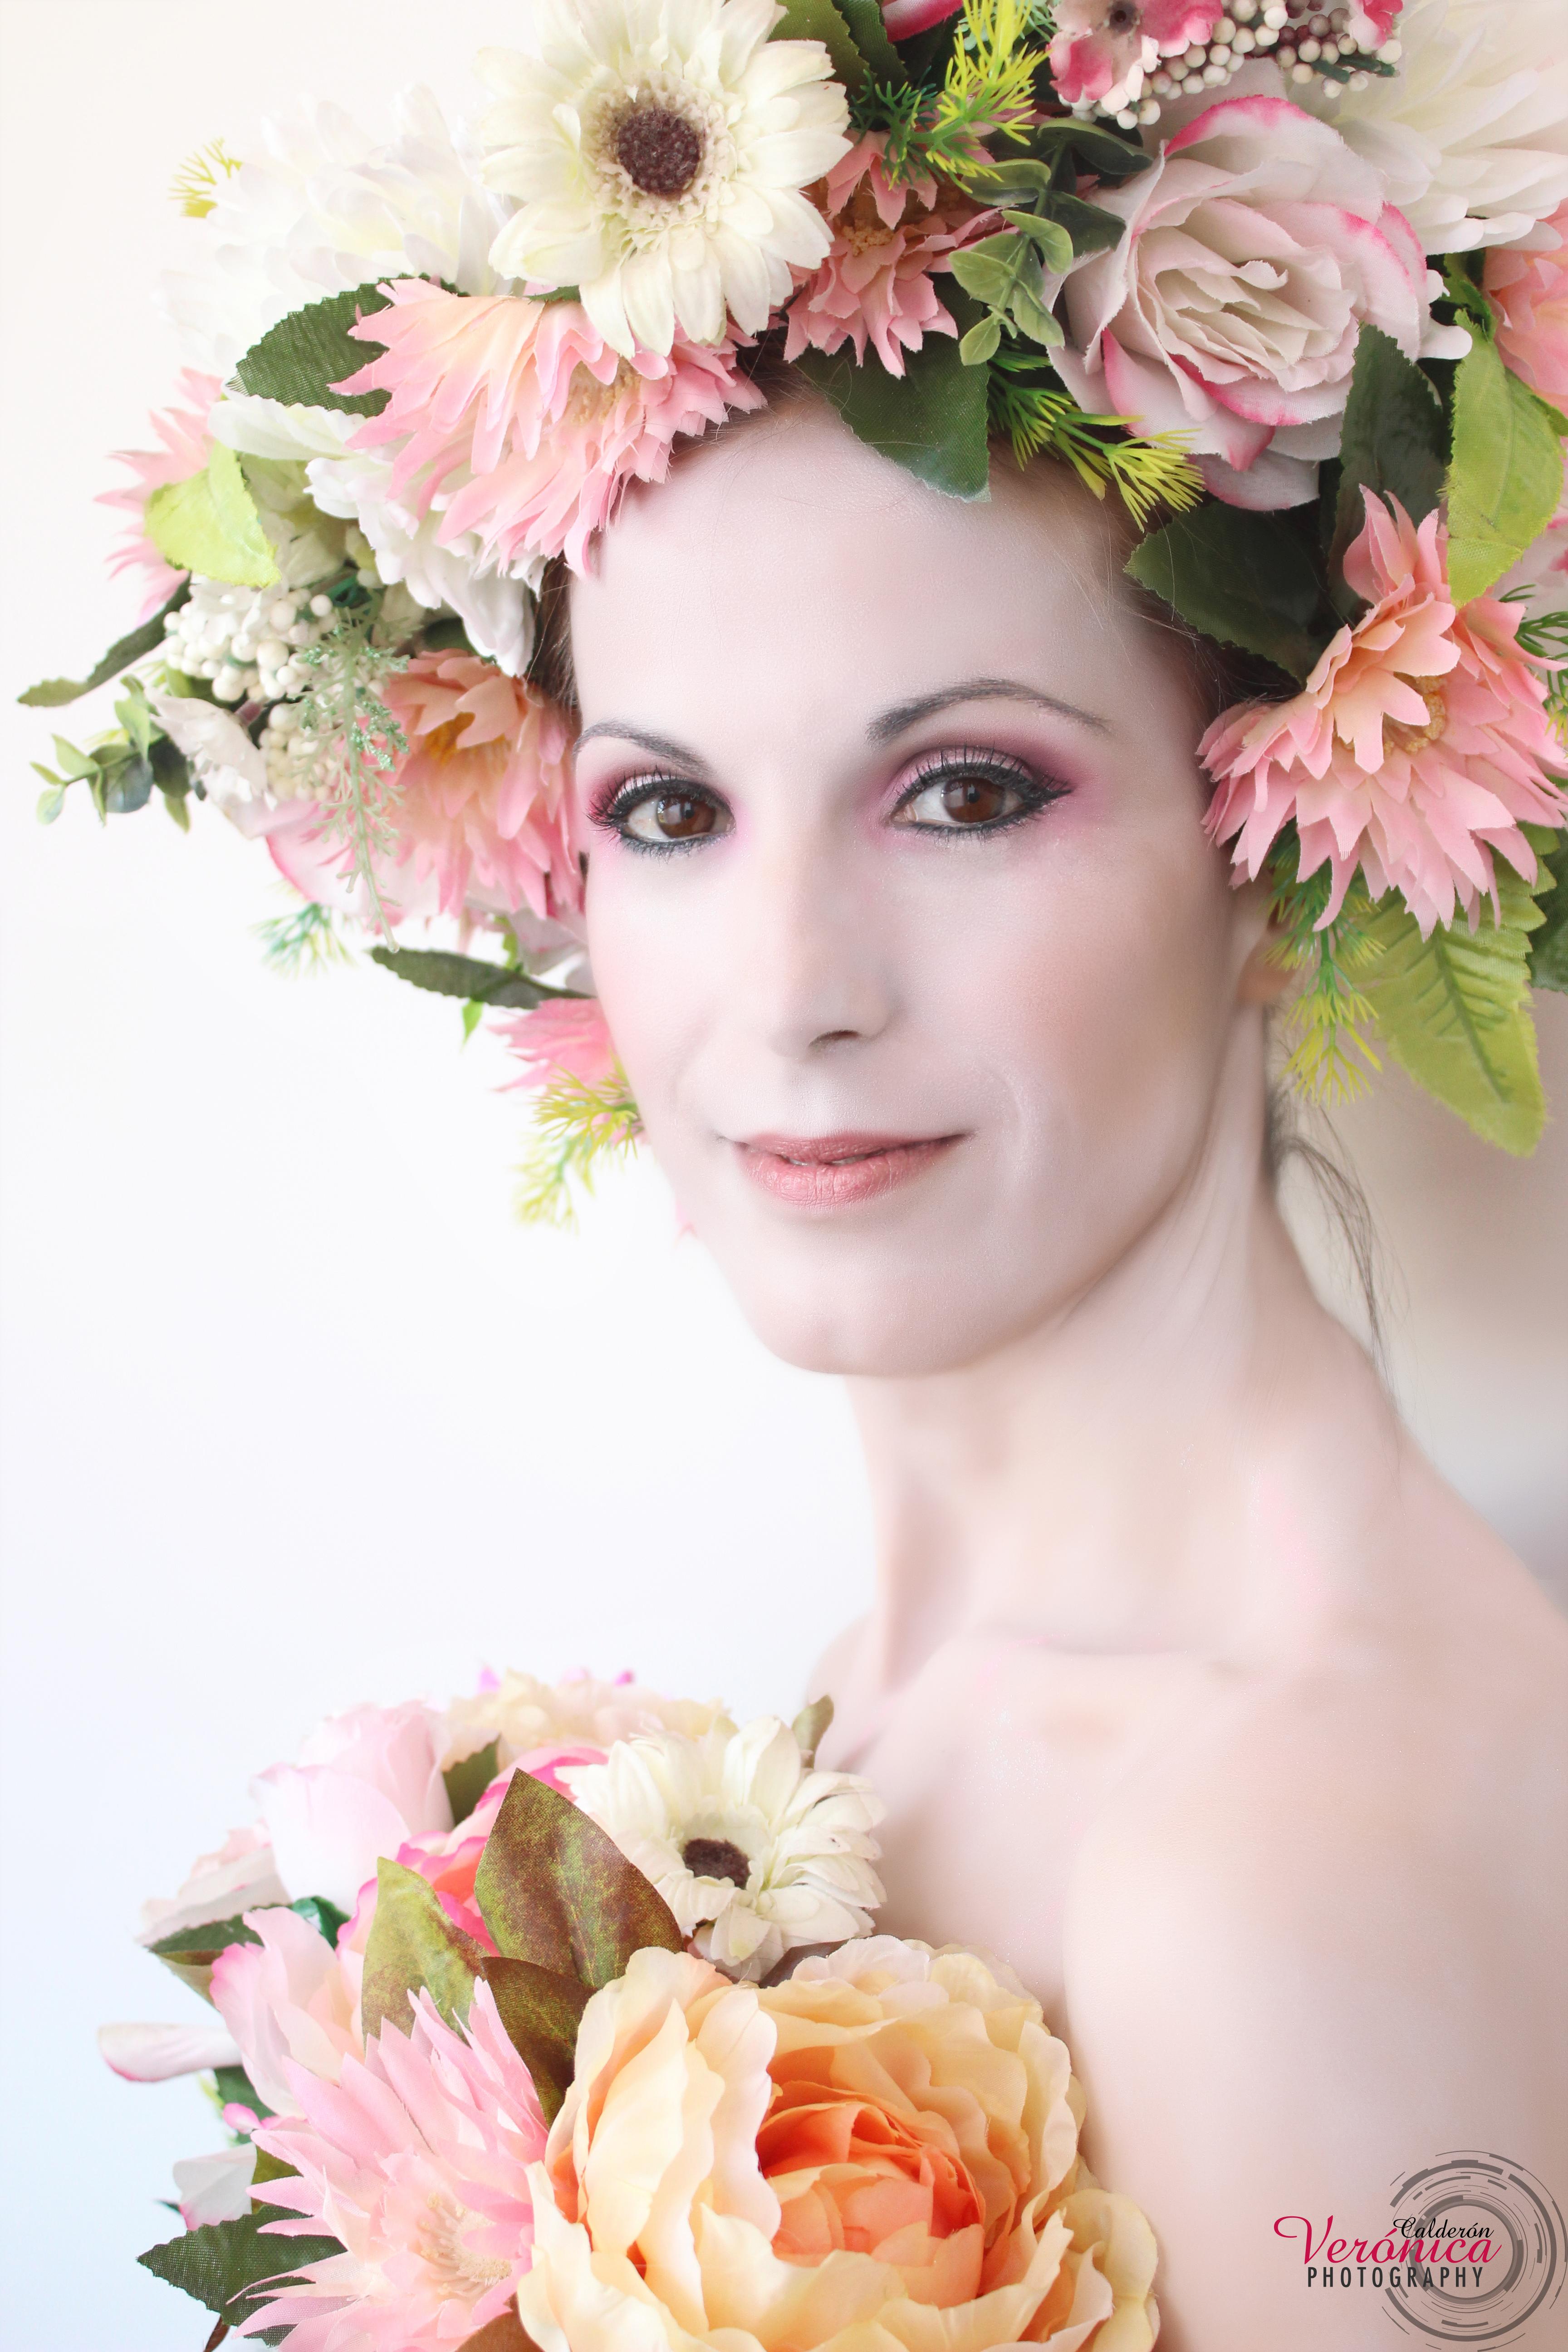 ´maquillaje fantasía piel pálida flores tonos rosas